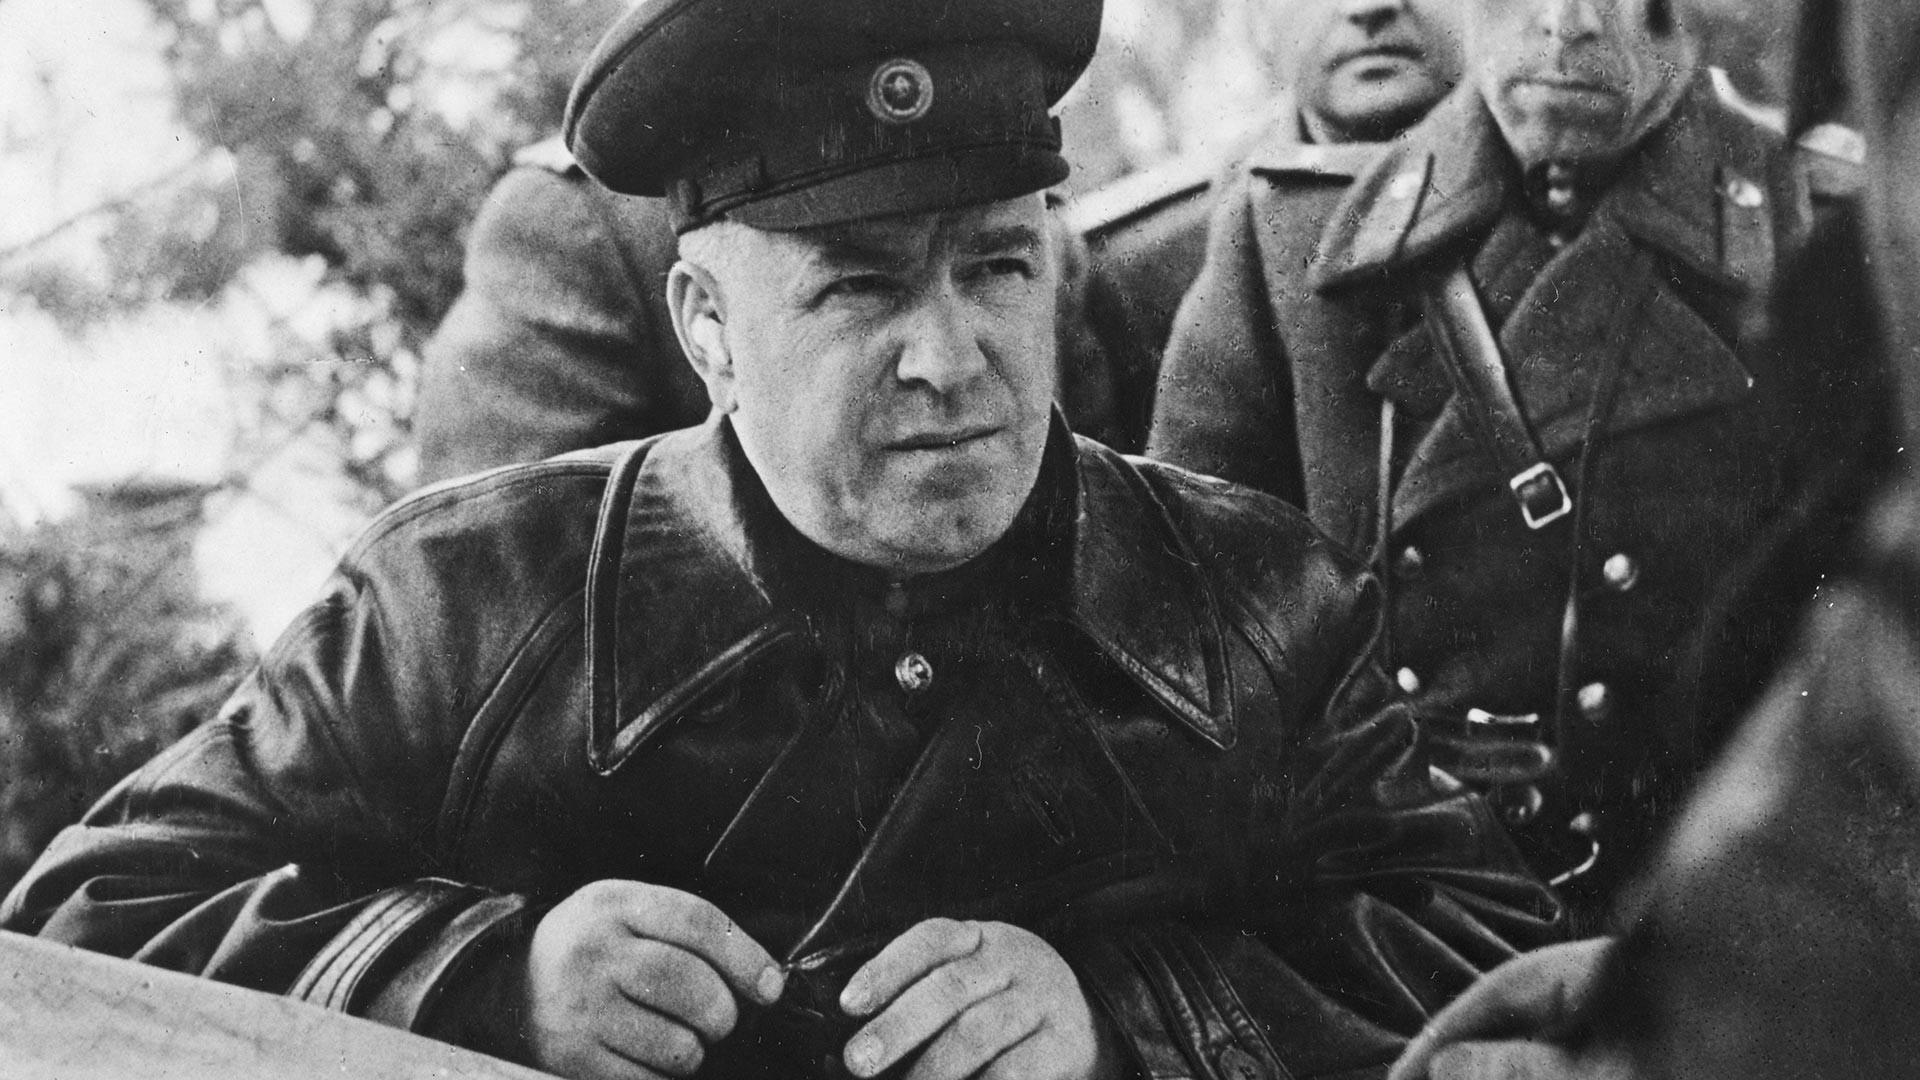 Maršal Georgij Konstantinovič Žukov (1896.-1974.), zapovjednik sovjetskih snaga 1. bjeloruskog fronta, na svom terenskom zapovjednom mjestu, Rusija, početak 20. stoljeća.